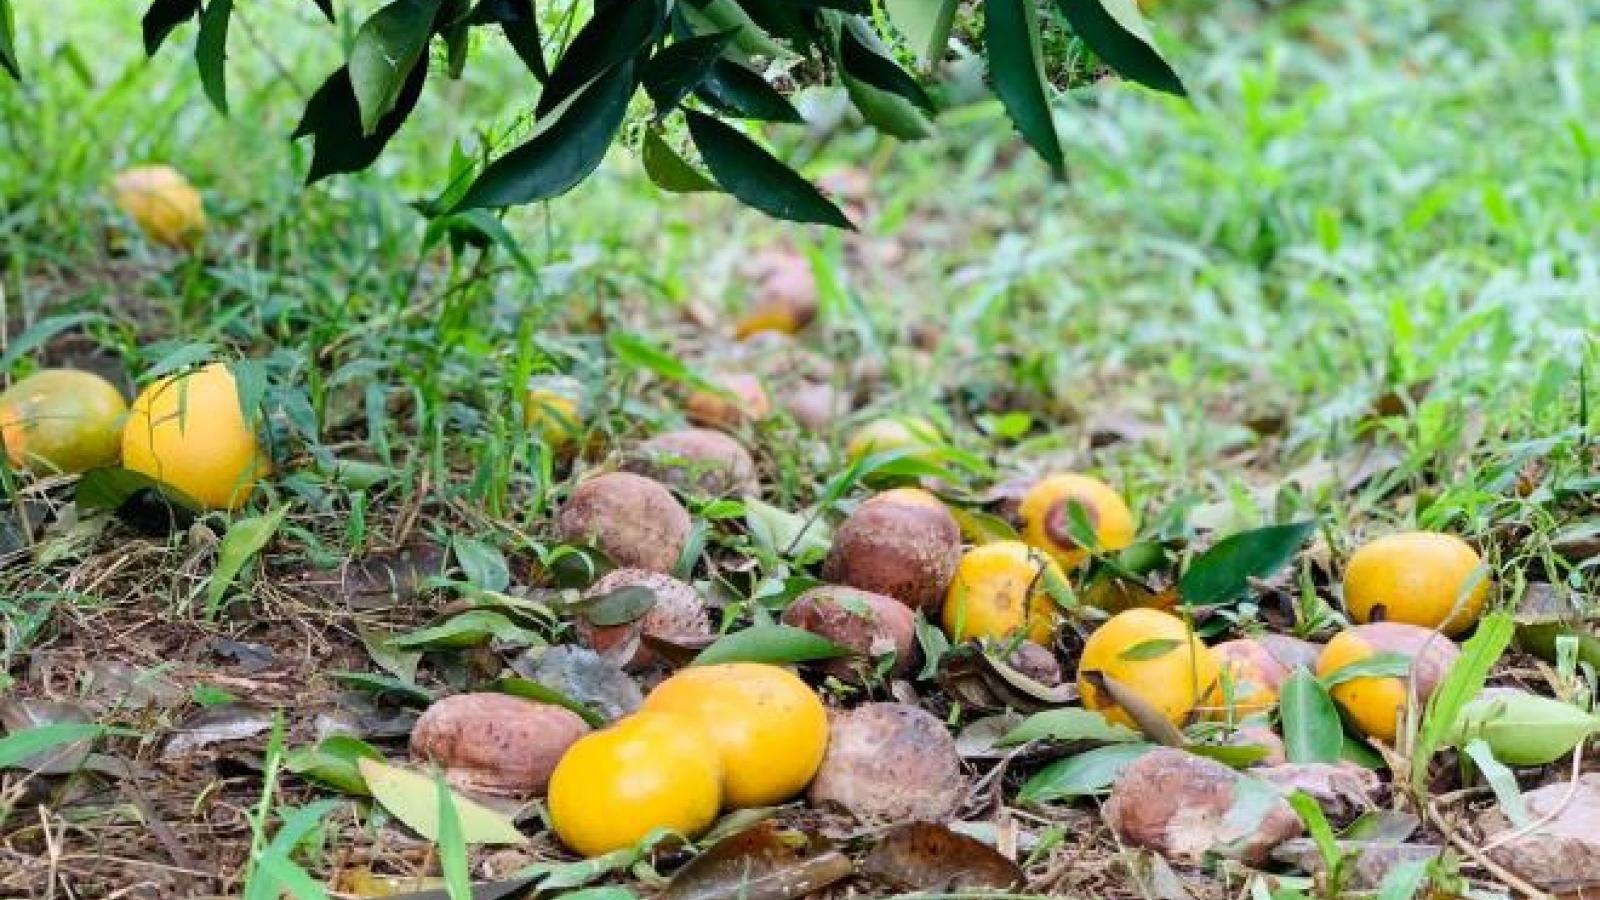 Cam đặc sản Hà Tĩnh thối rụng đầy vườn sau mưa lũ